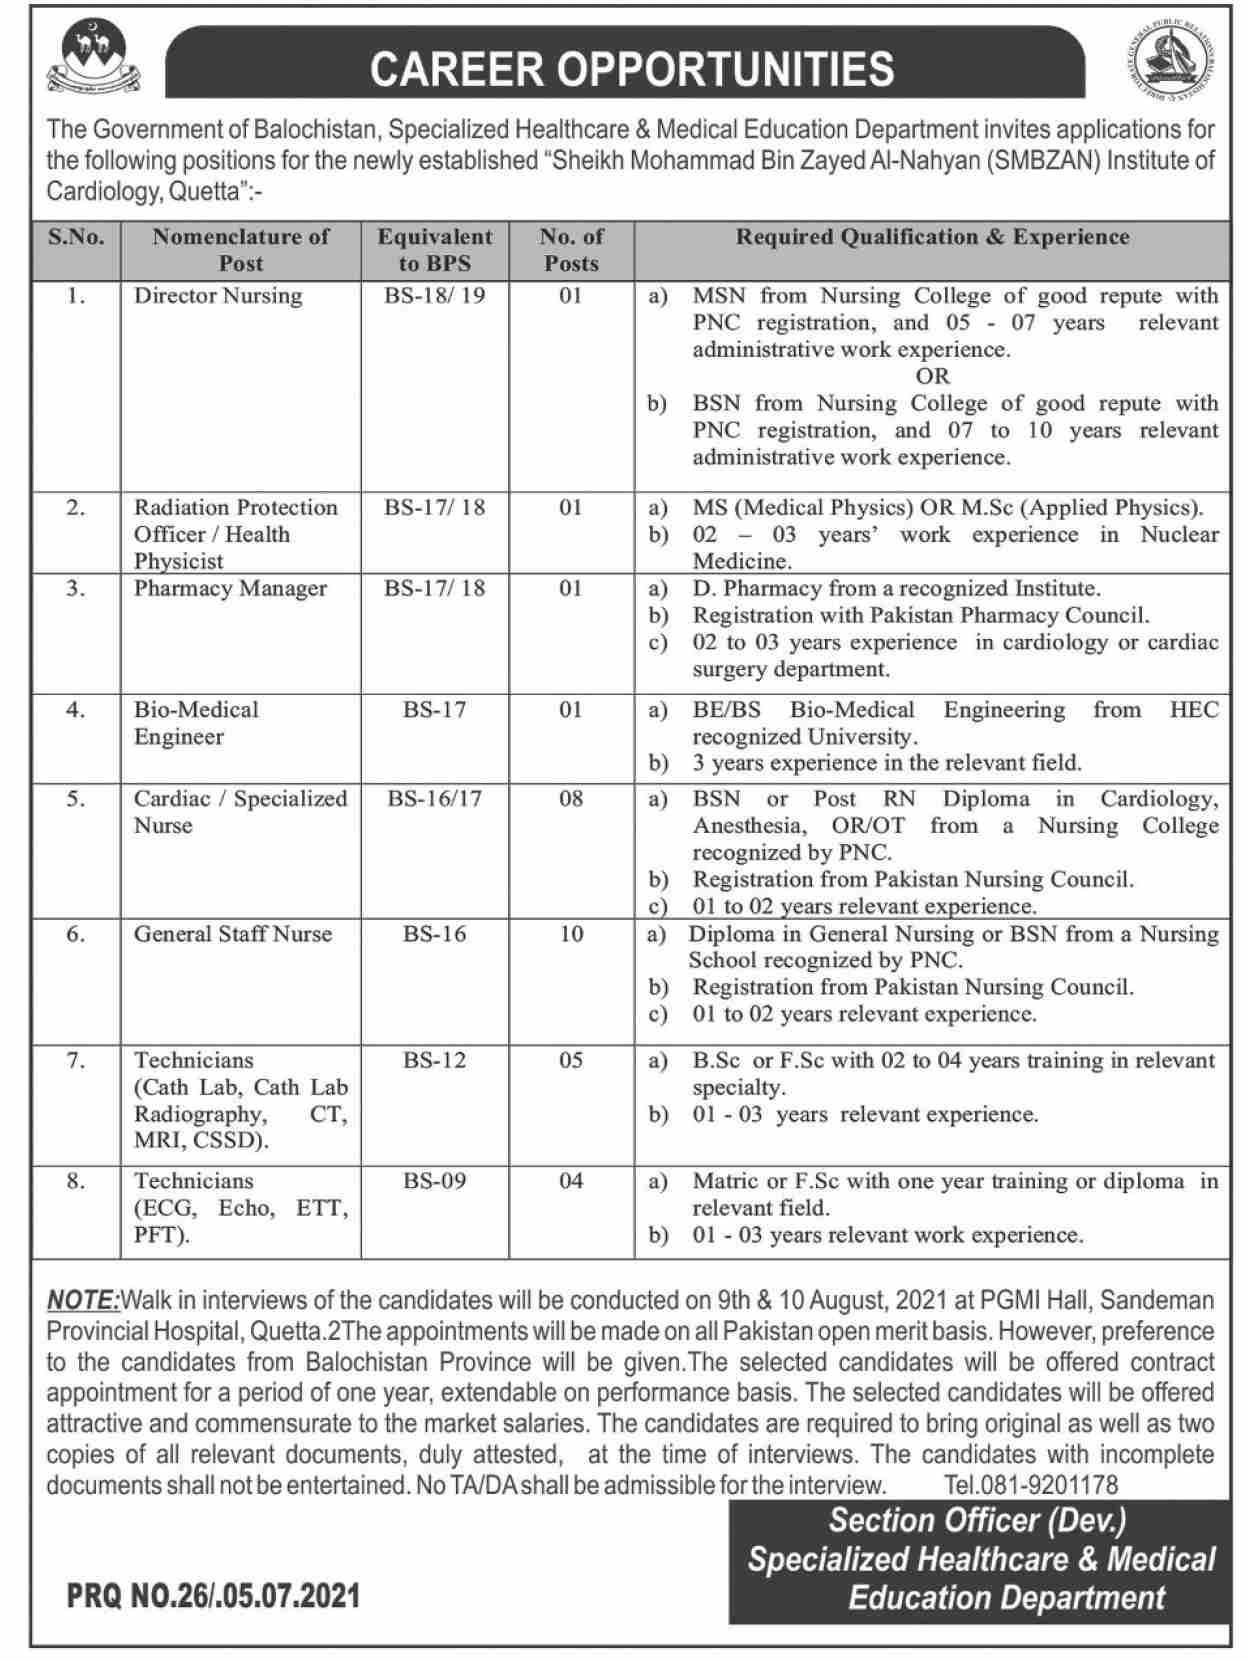 Institute of Cardiology Quetta Baluchistan Jobs 2021  SMBZAN Advertisement